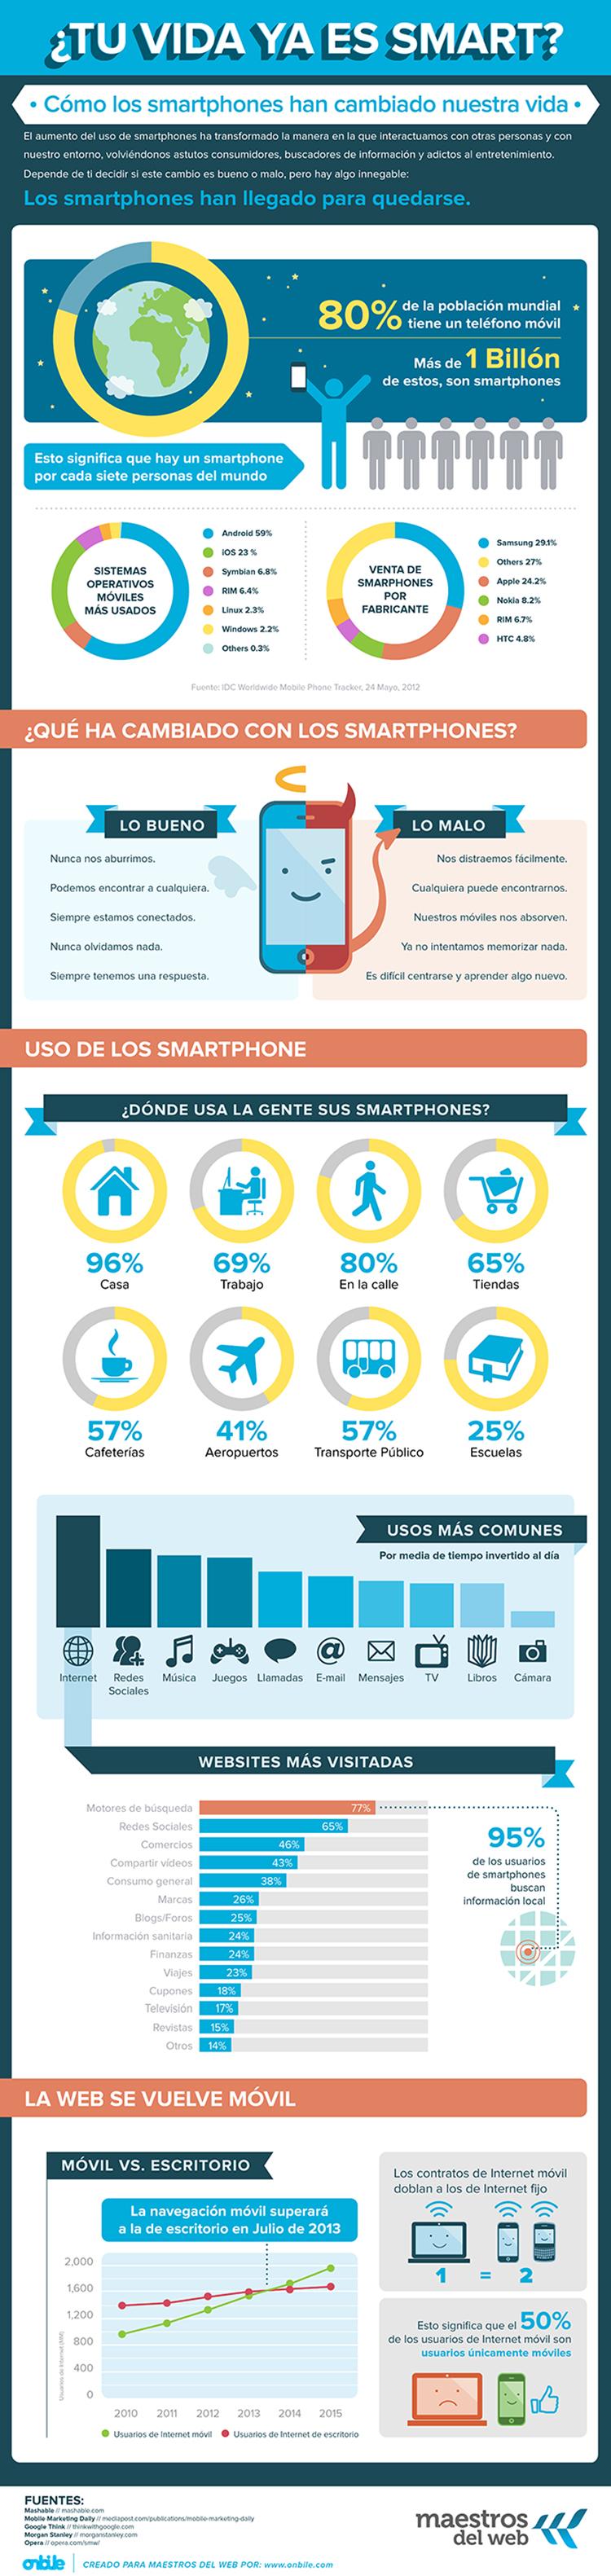 Infográfia uso de los smartphone